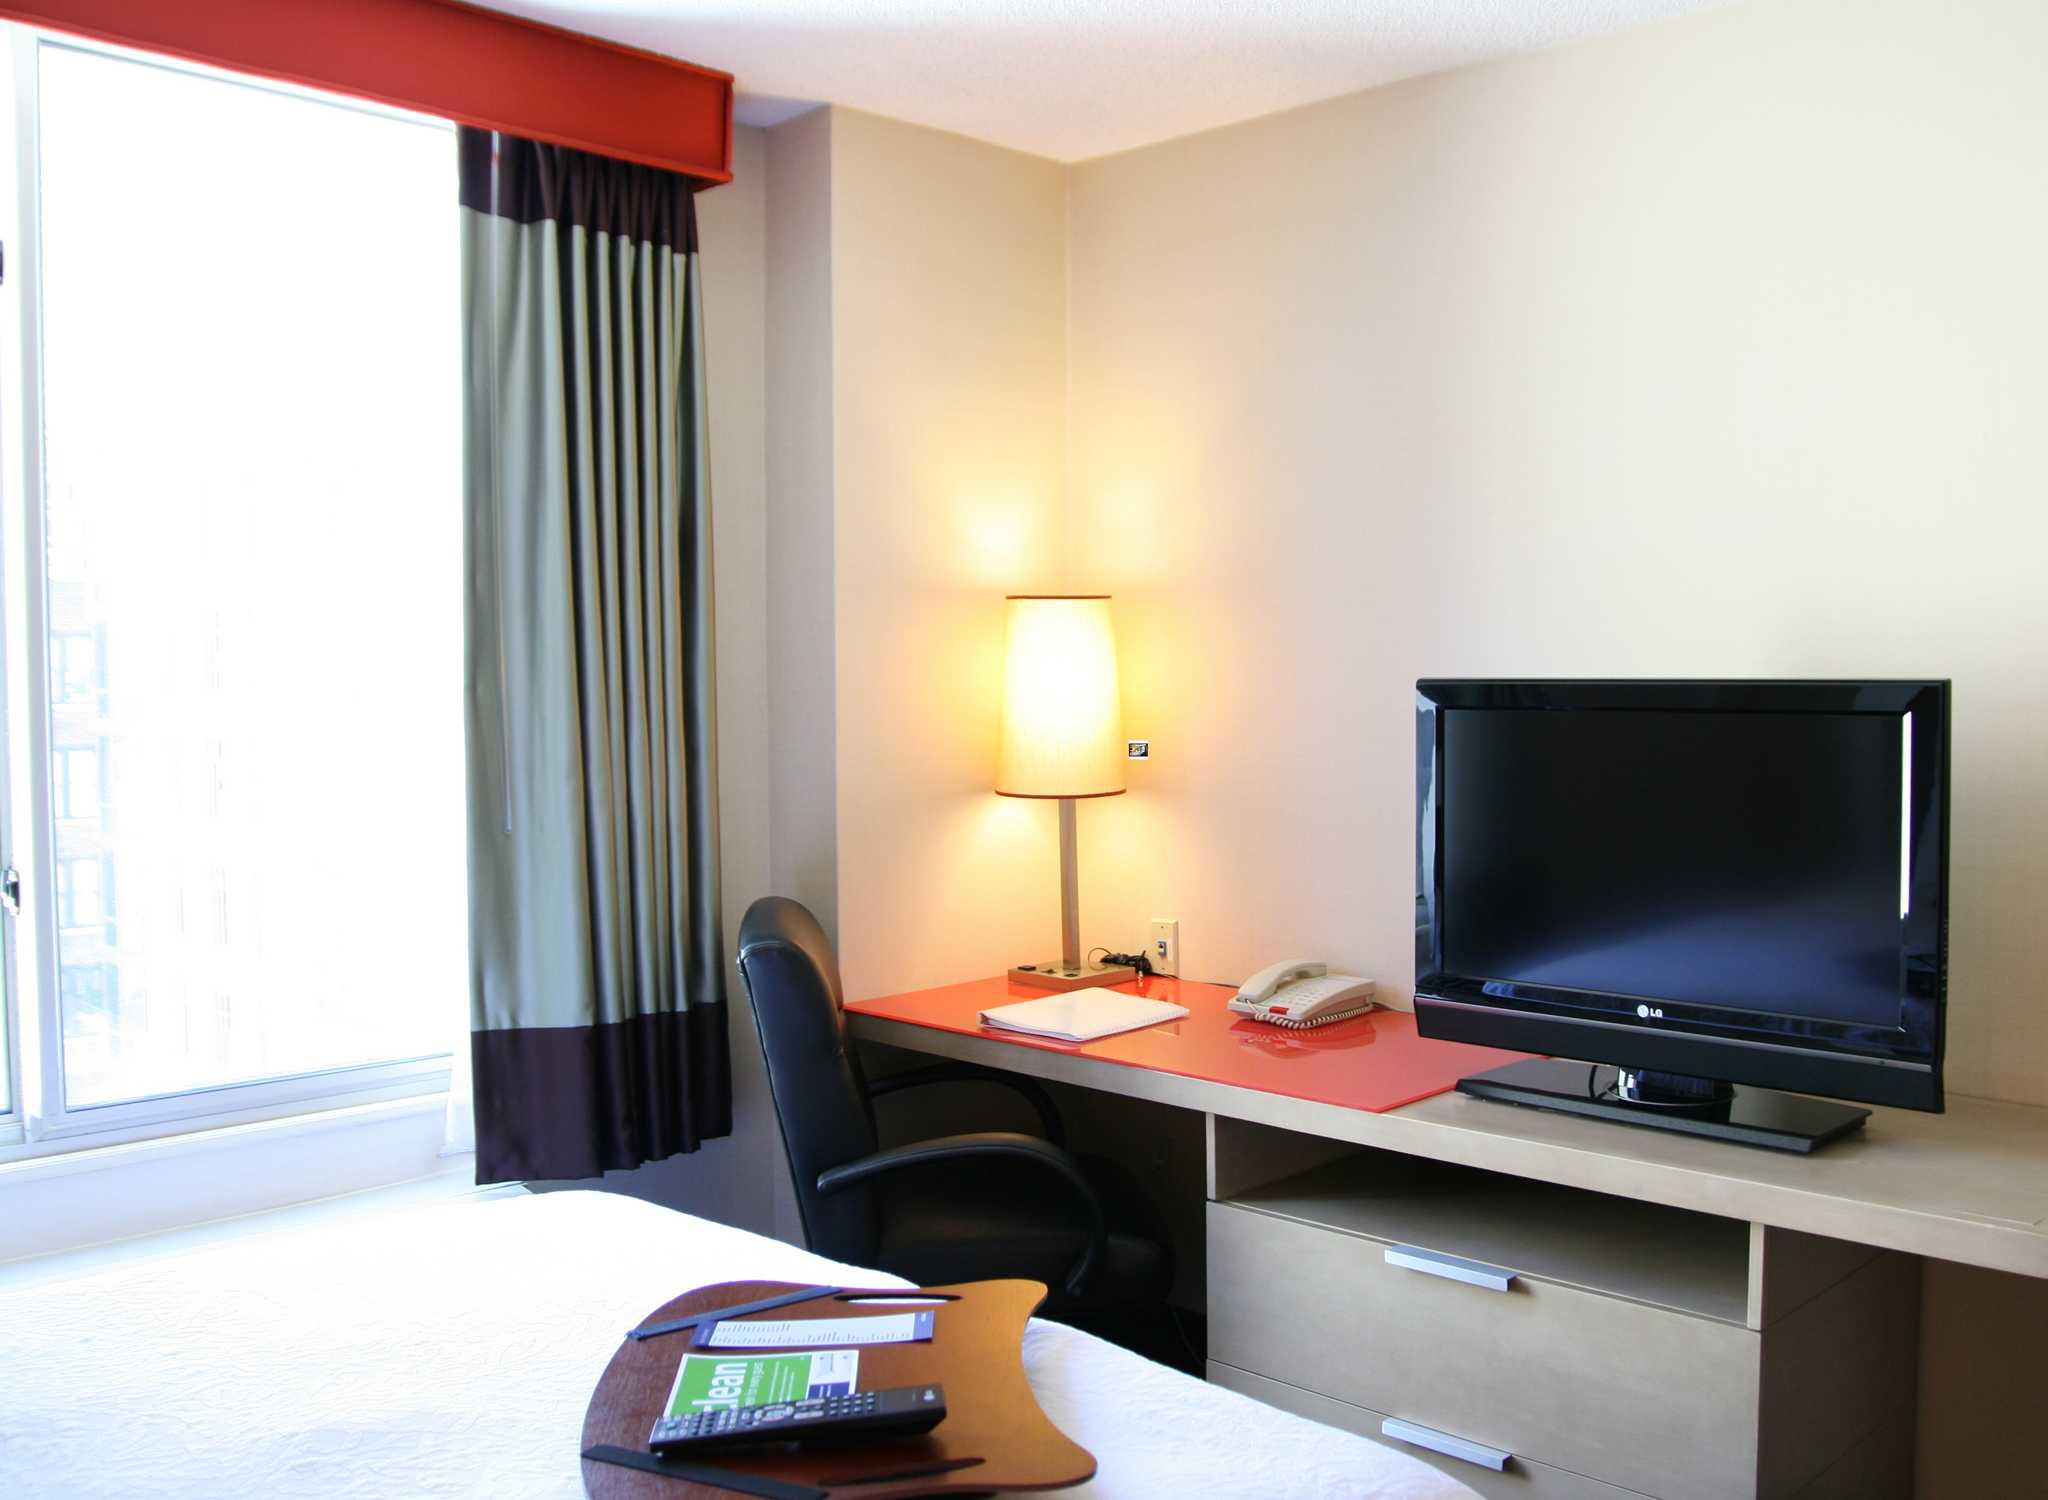 Hôtel hampton inn à chelsea new york près de lempire state building